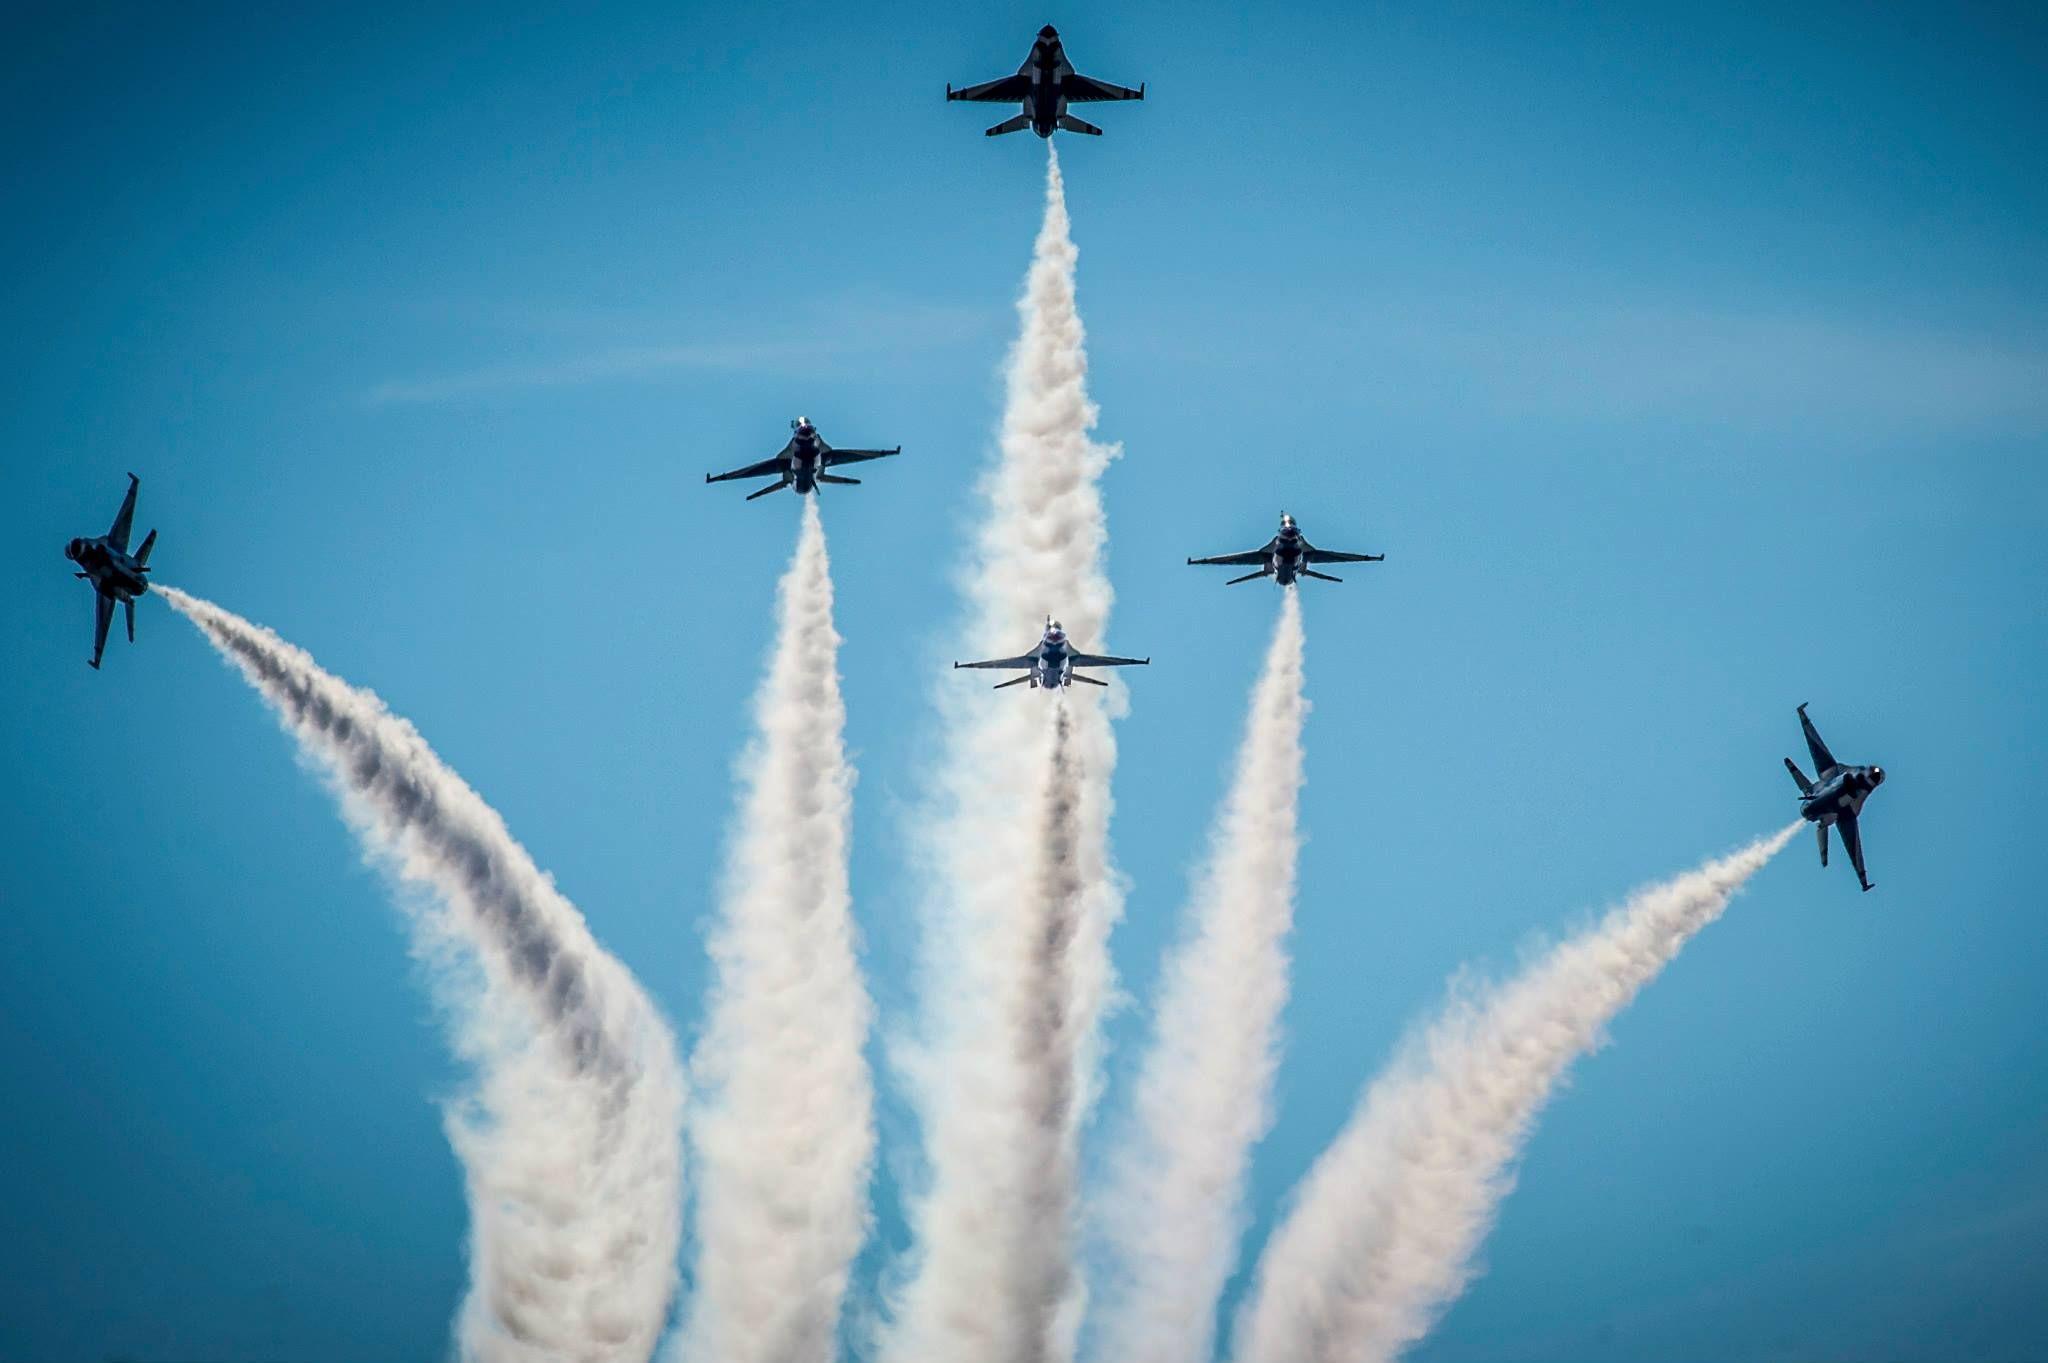 Thunderbirds pilots perform the Delta Burst maneuver